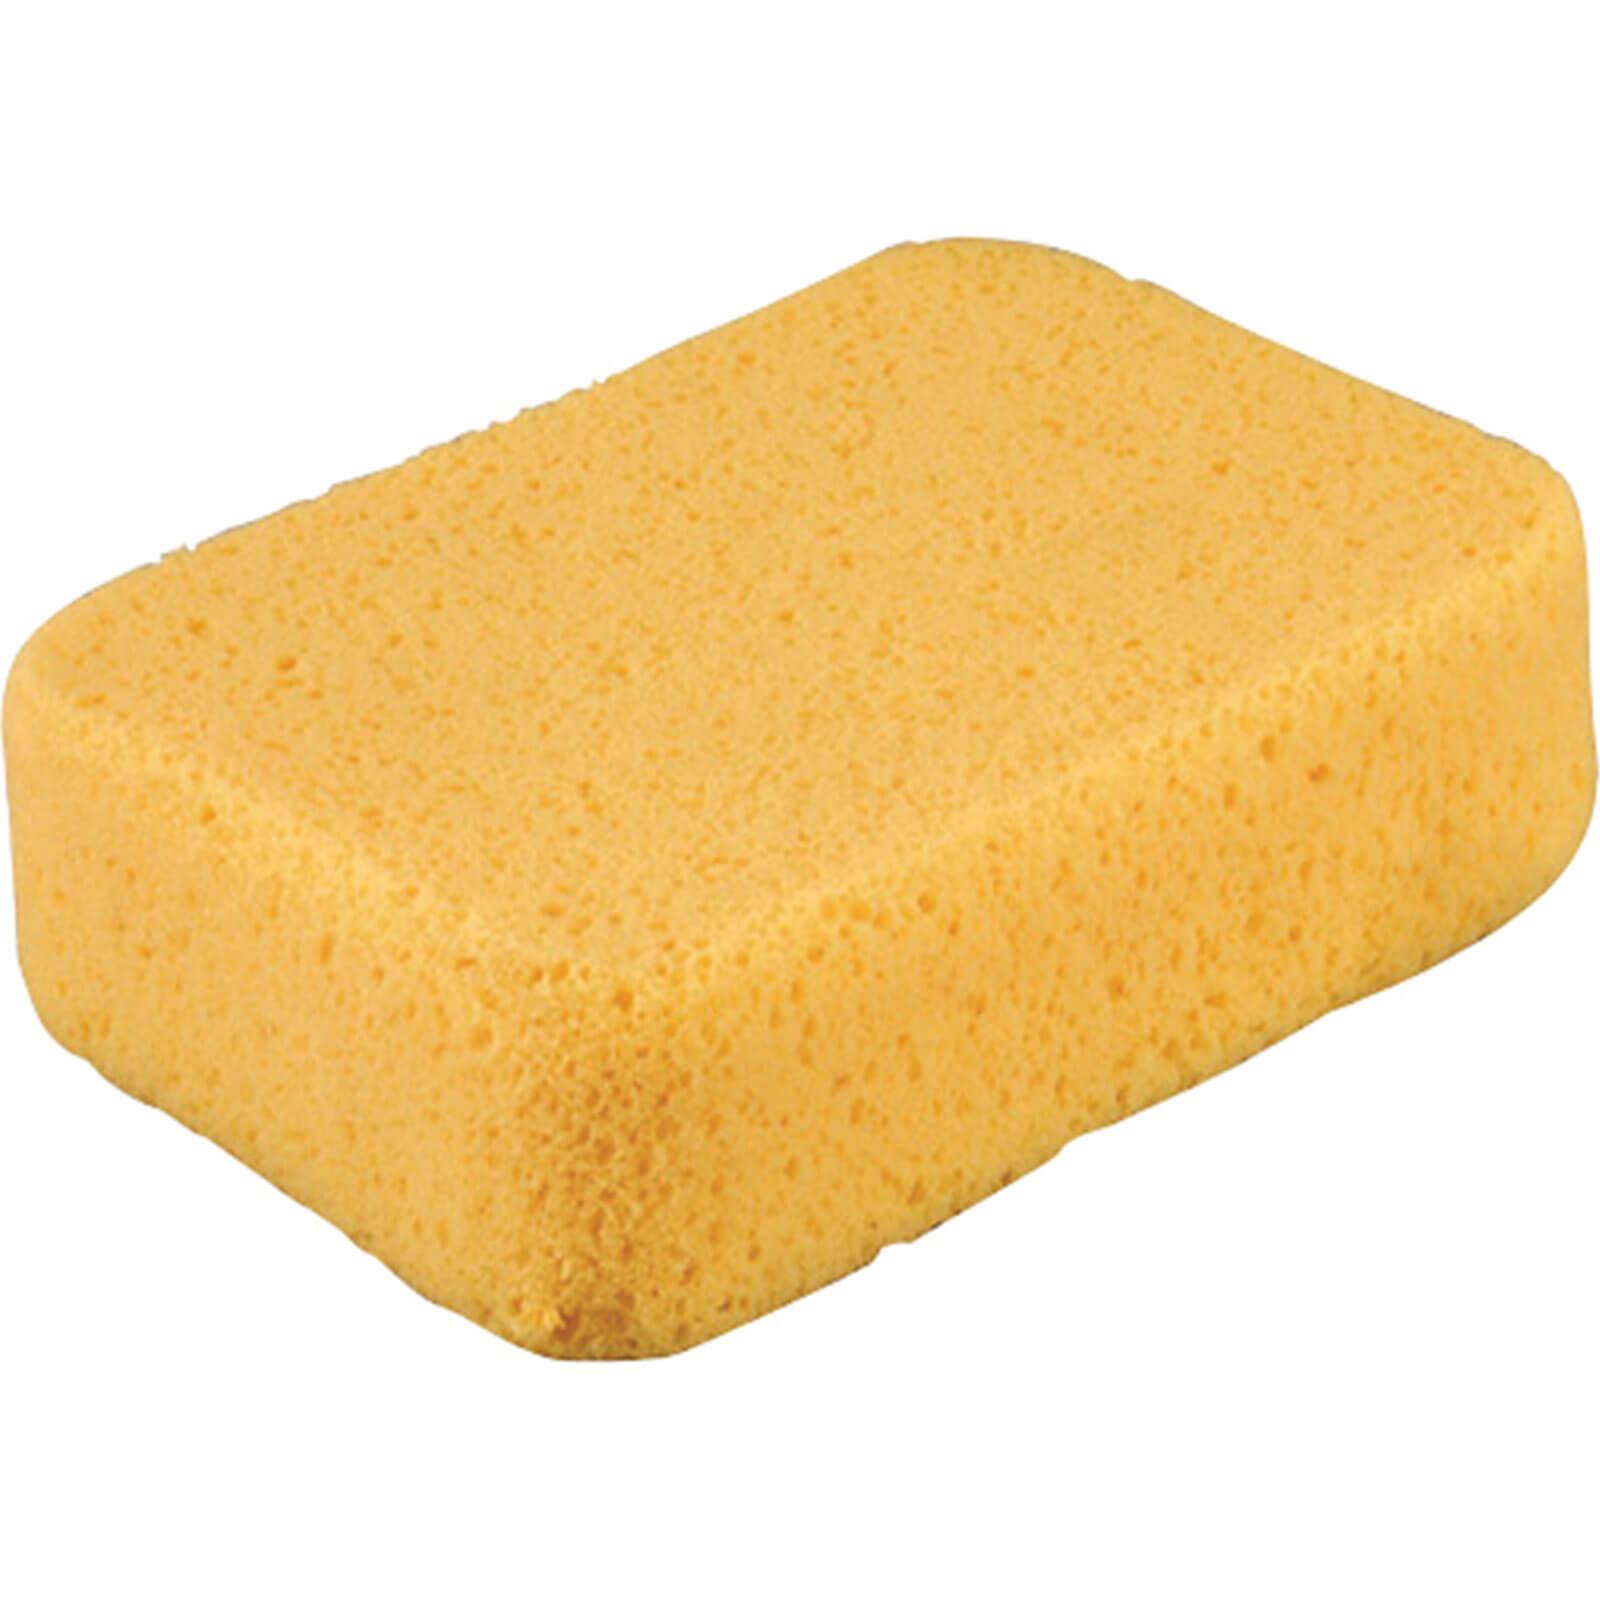 Image of Vitrex Extra Large Super Sponge